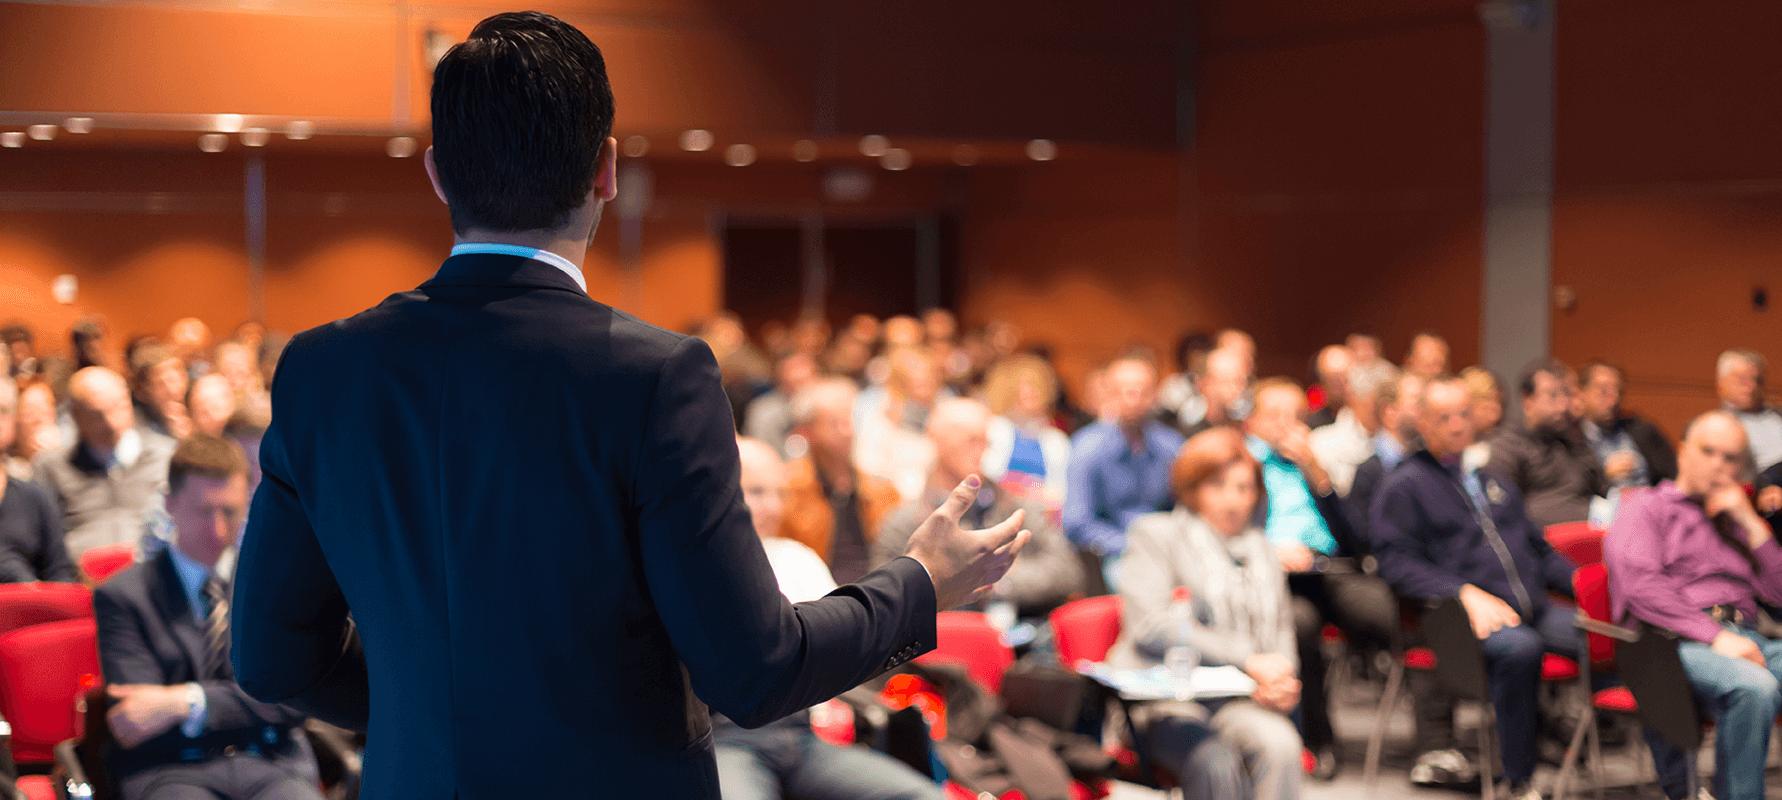 Mann hält Rede vor großem Publikum beim datatalk-congress